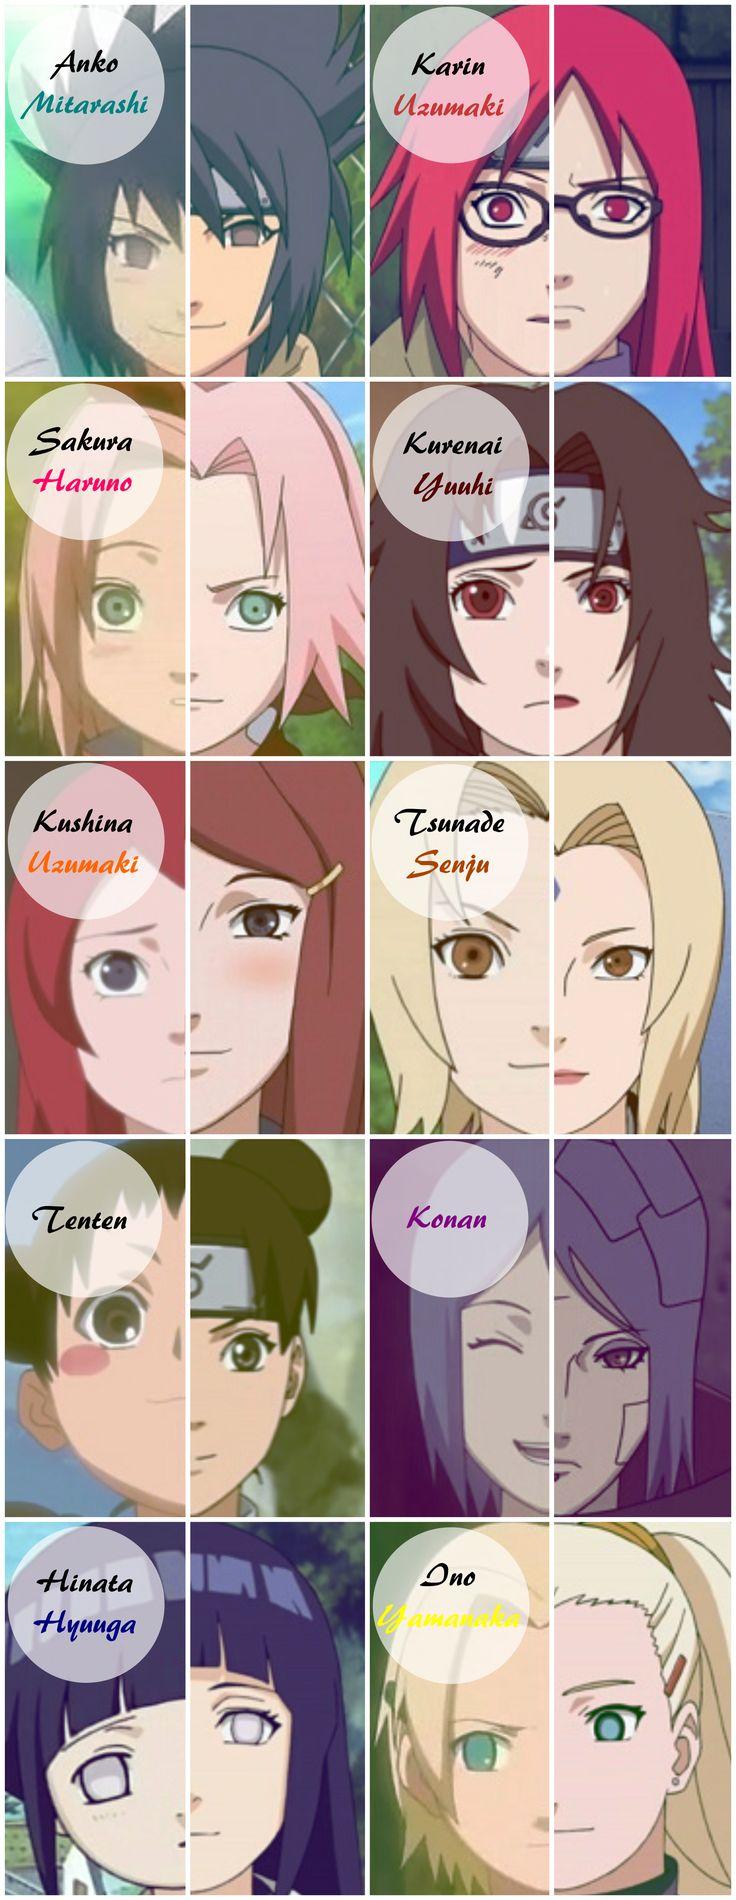 Anime/manga: Naruto / Naruto: Shippuden [Mitarashi Anko / Uzumaki Karin / Haruno Sakura / Yuuhi Kurenai / Uzumaki Kushina / Senju Tsunade / Tenten / Konan / Hyuuga Hinata / Yamanaka Ino]